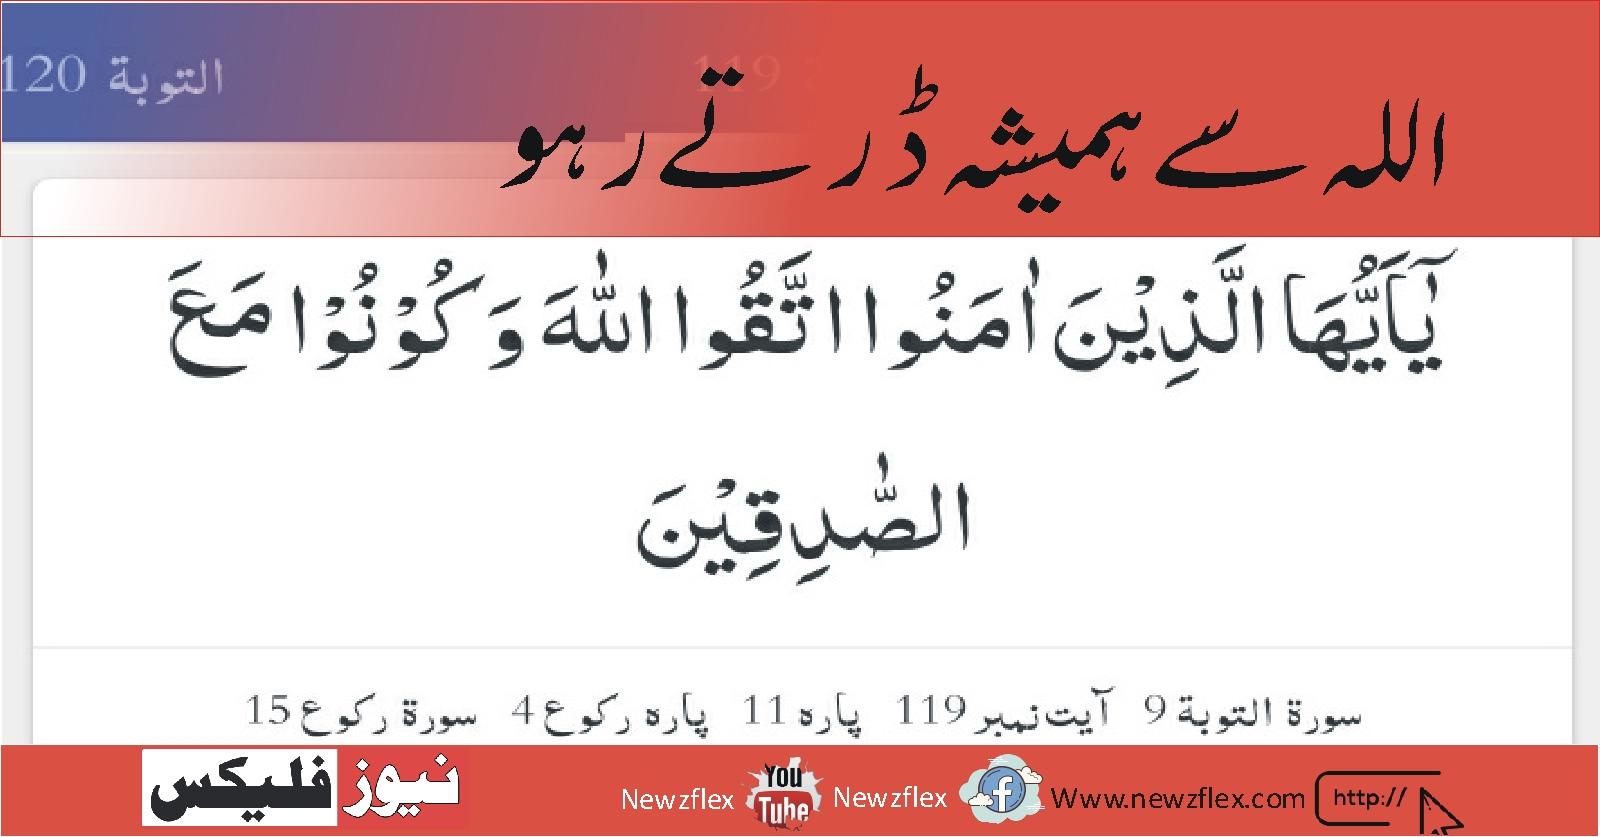 اللہ سے ہمیشہ ڈرتے رہو